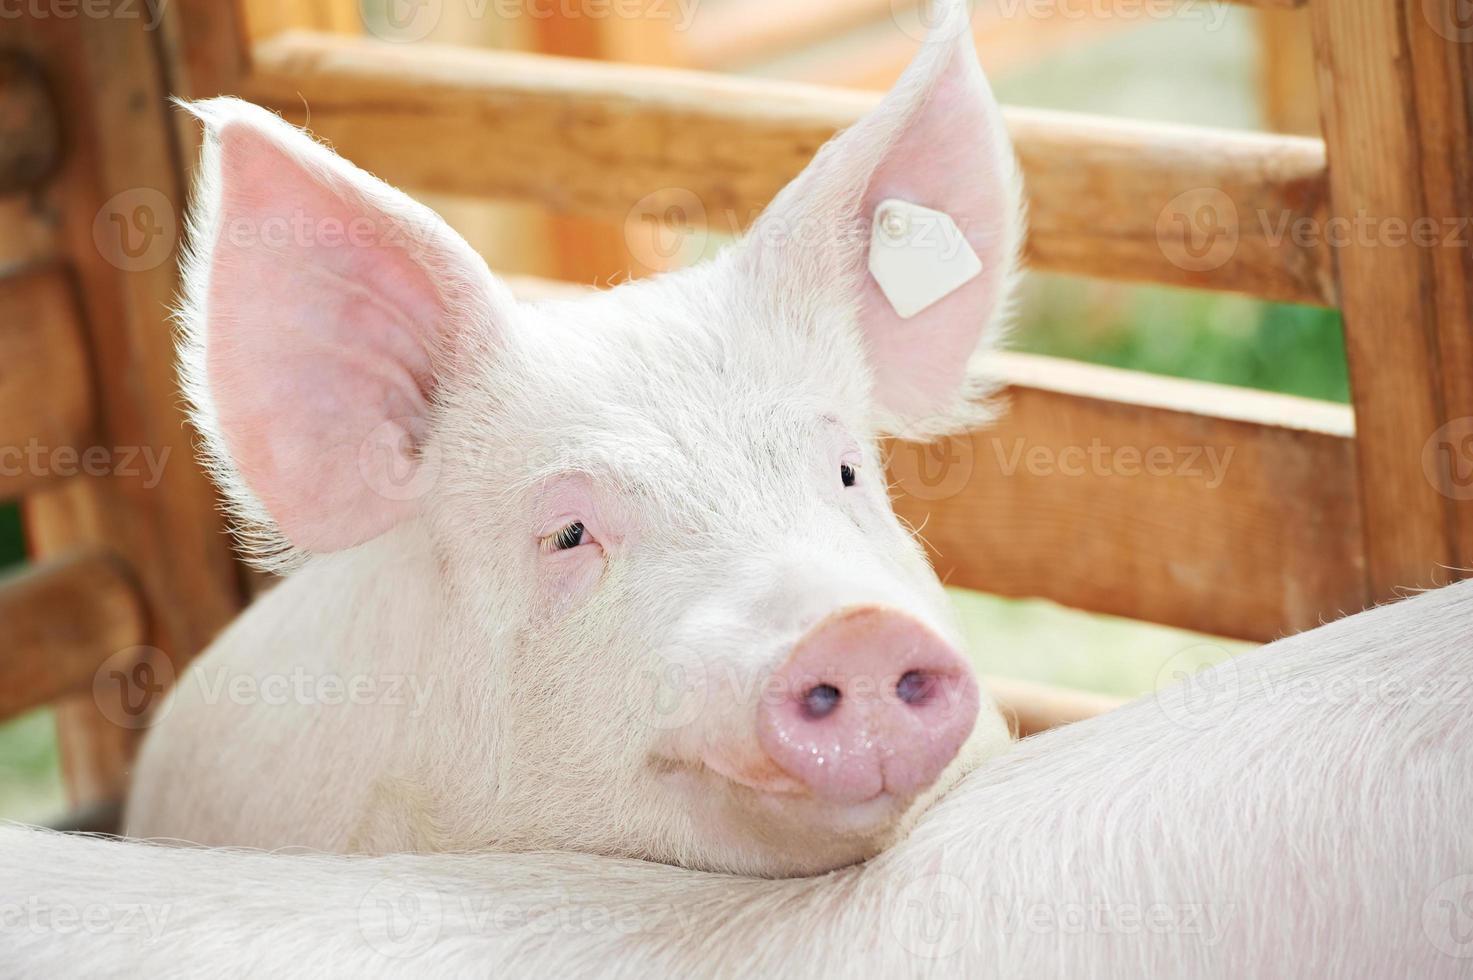 Ein junges Schwein legt seinen Kopf draußen in einen Stift foto